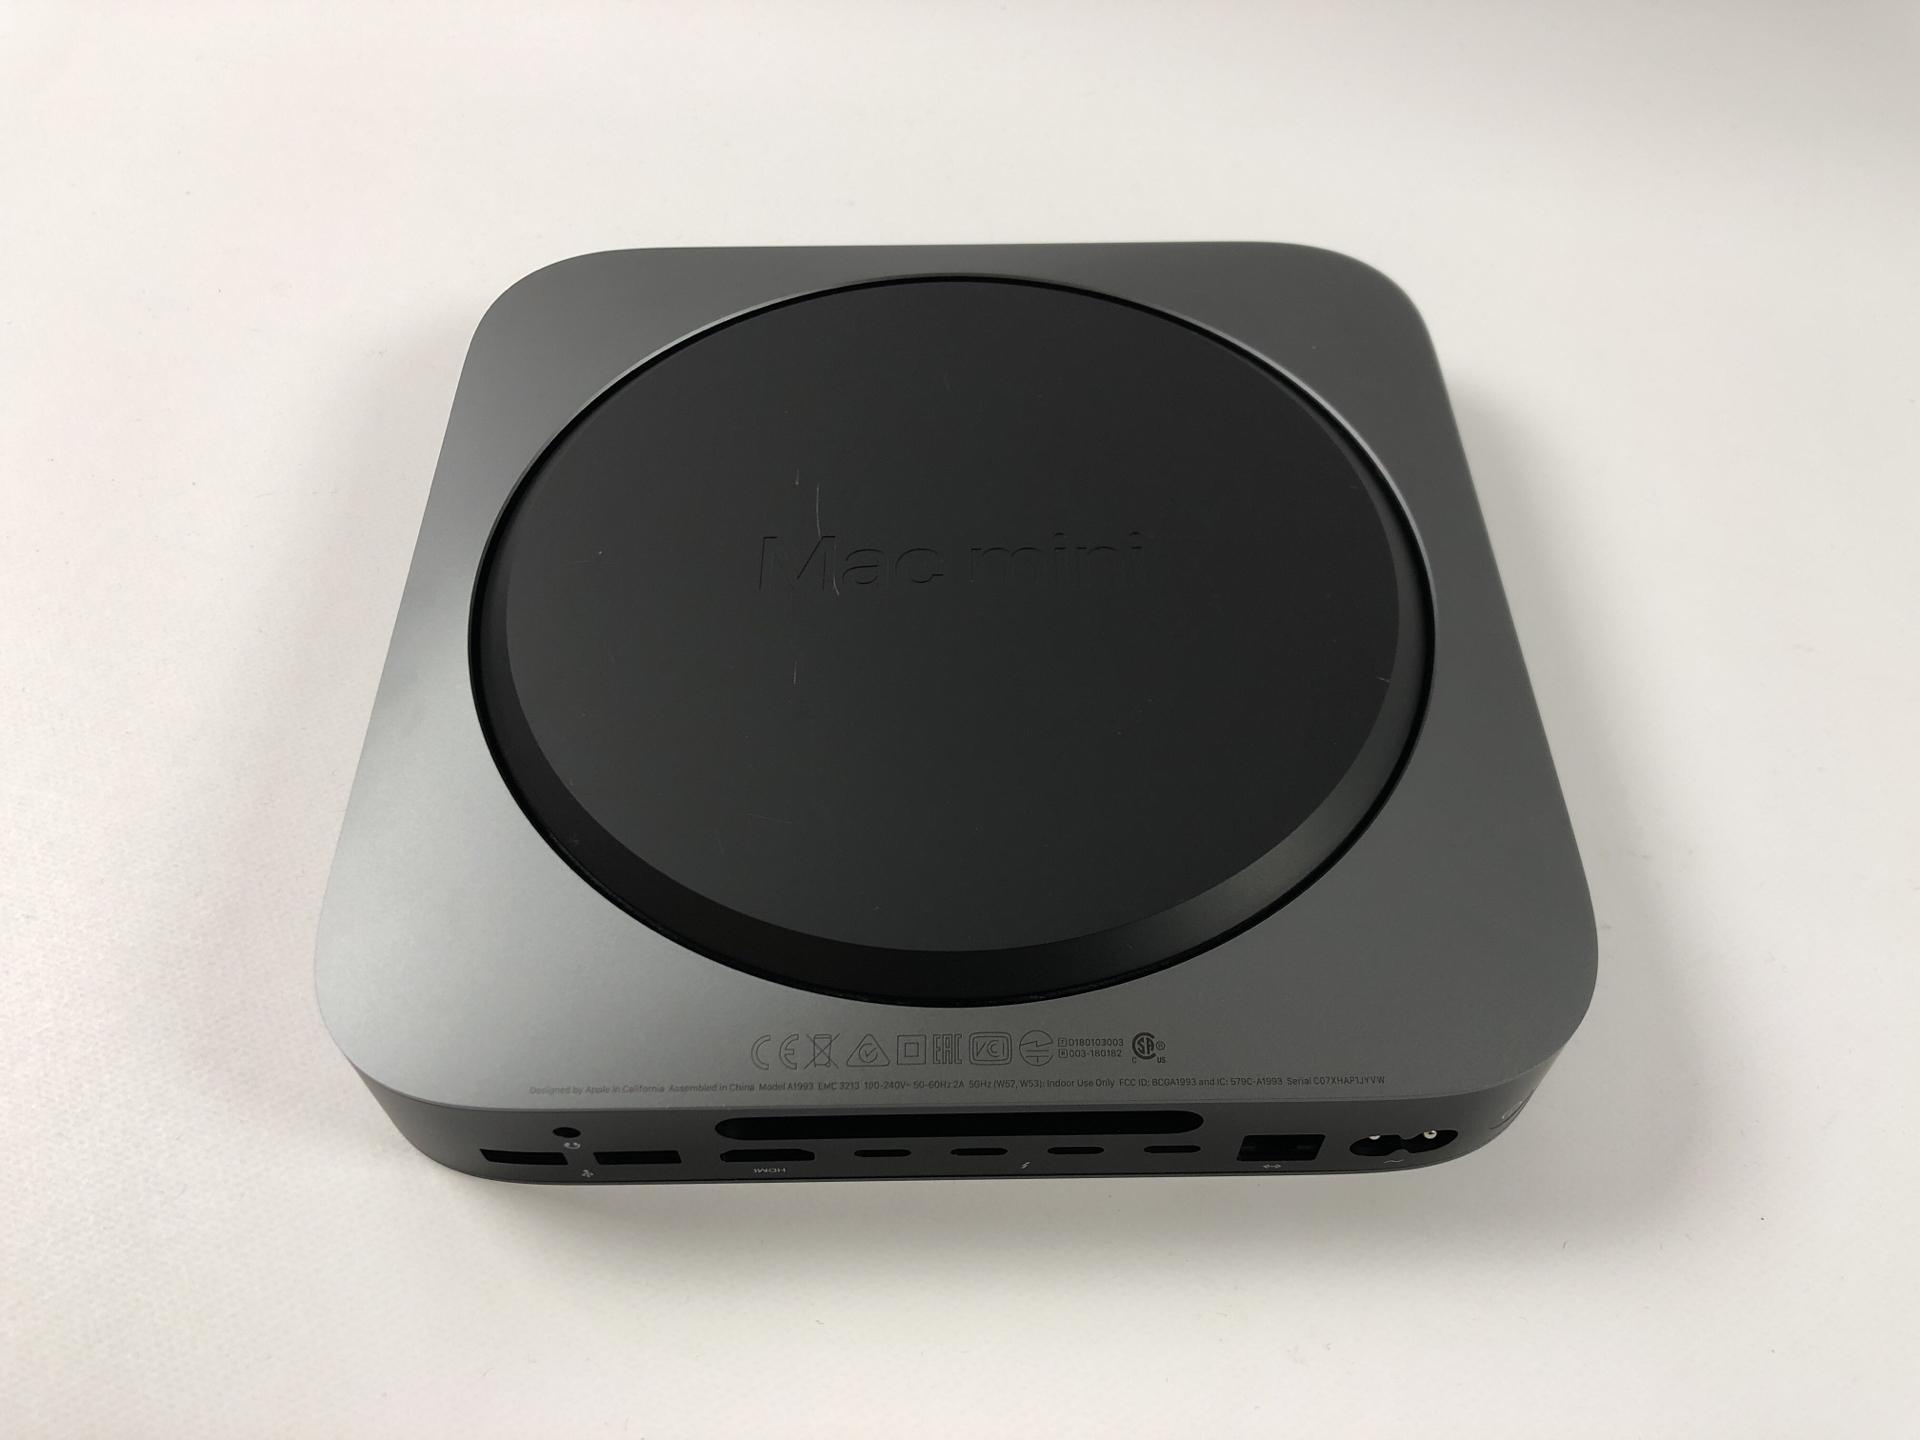 Mac Mini Late 2018 (Intel Quad-Core i3 3.6 GHz 8 GB RAM 128 GB SSD), Intel Quad-Core i3 3.6 GHz, 8 GB RAM, 128 GB SSD, Afbeelding 2